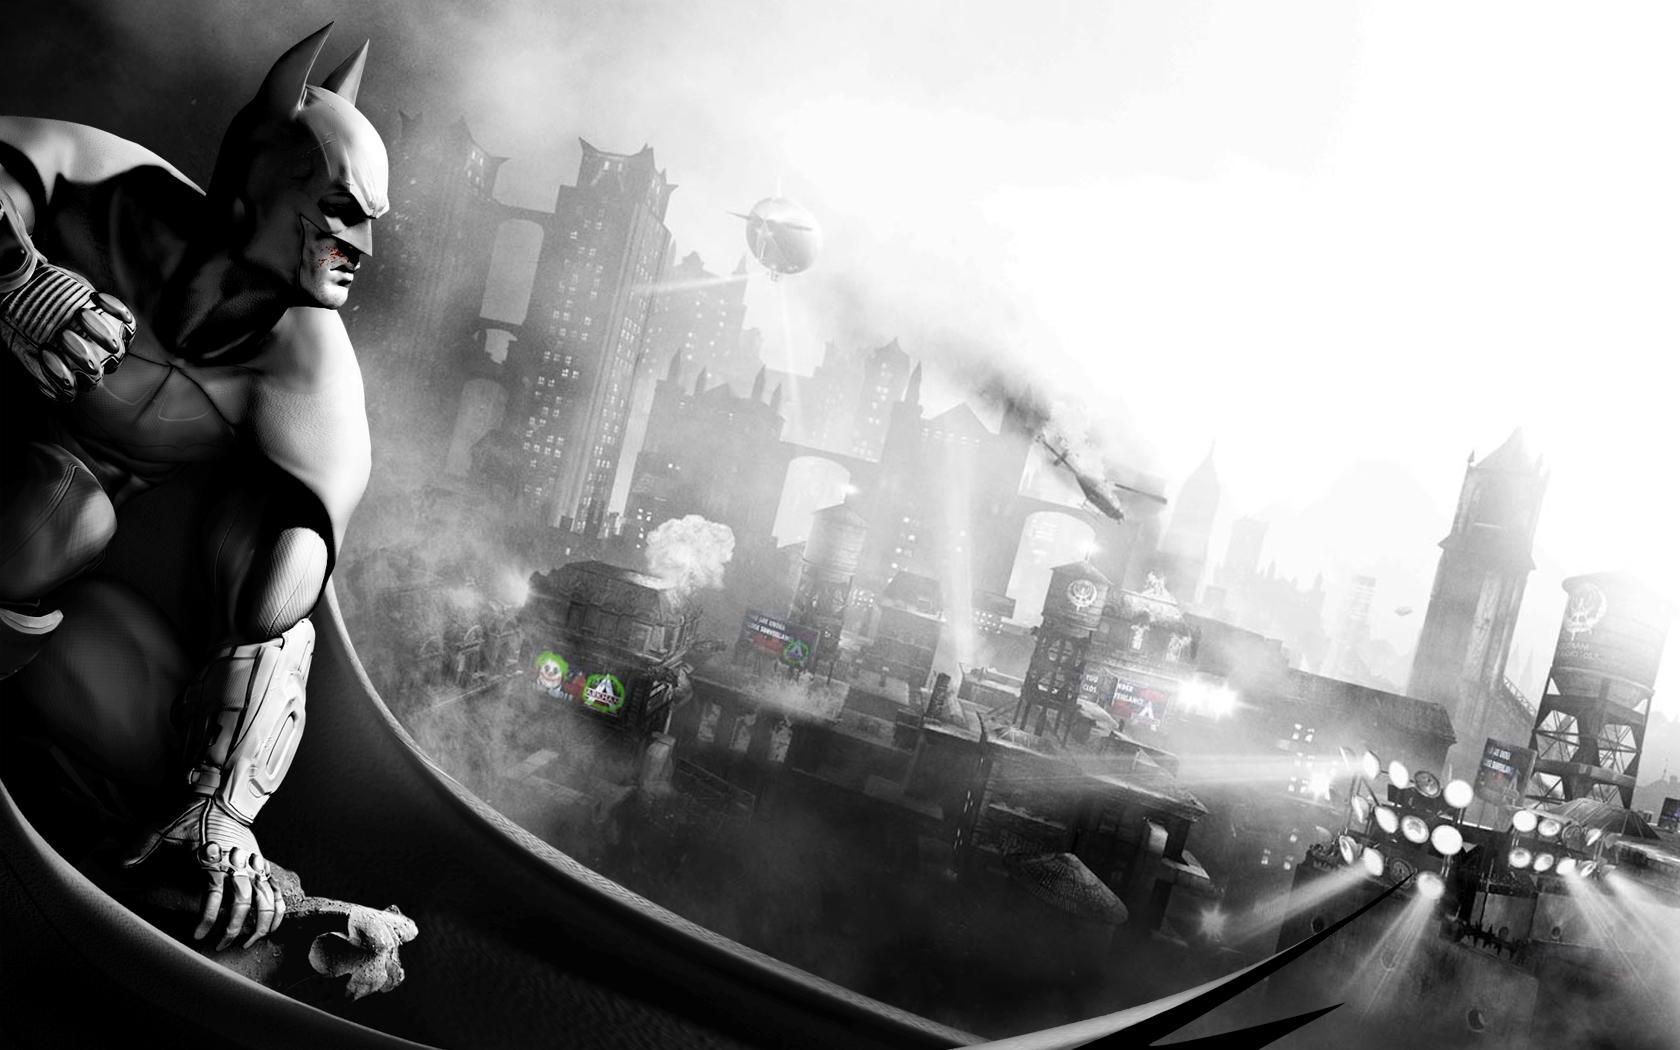 batman-arkham-city-